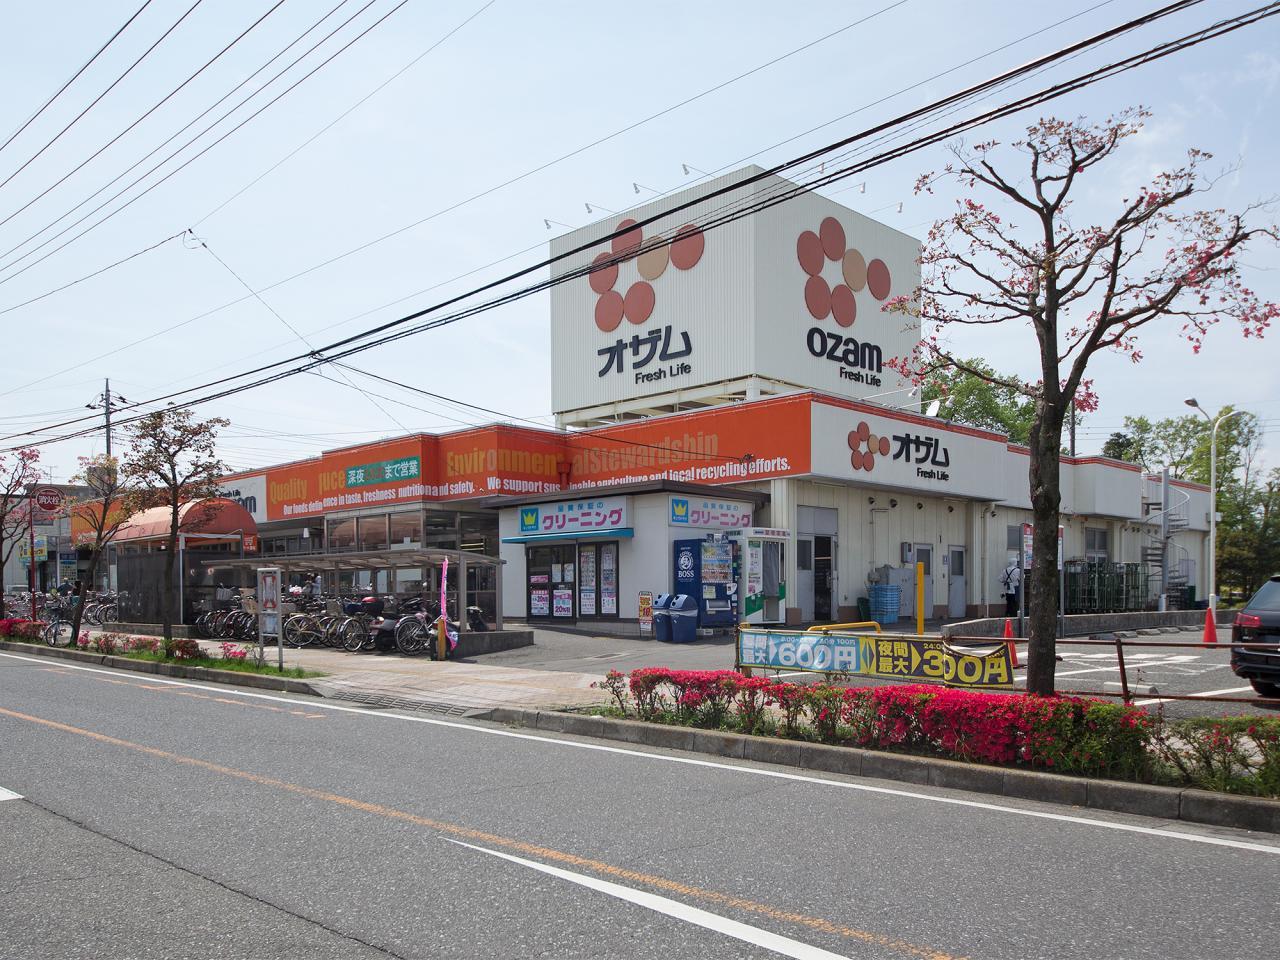 スーパーオザム 東狭山ヶ丘店